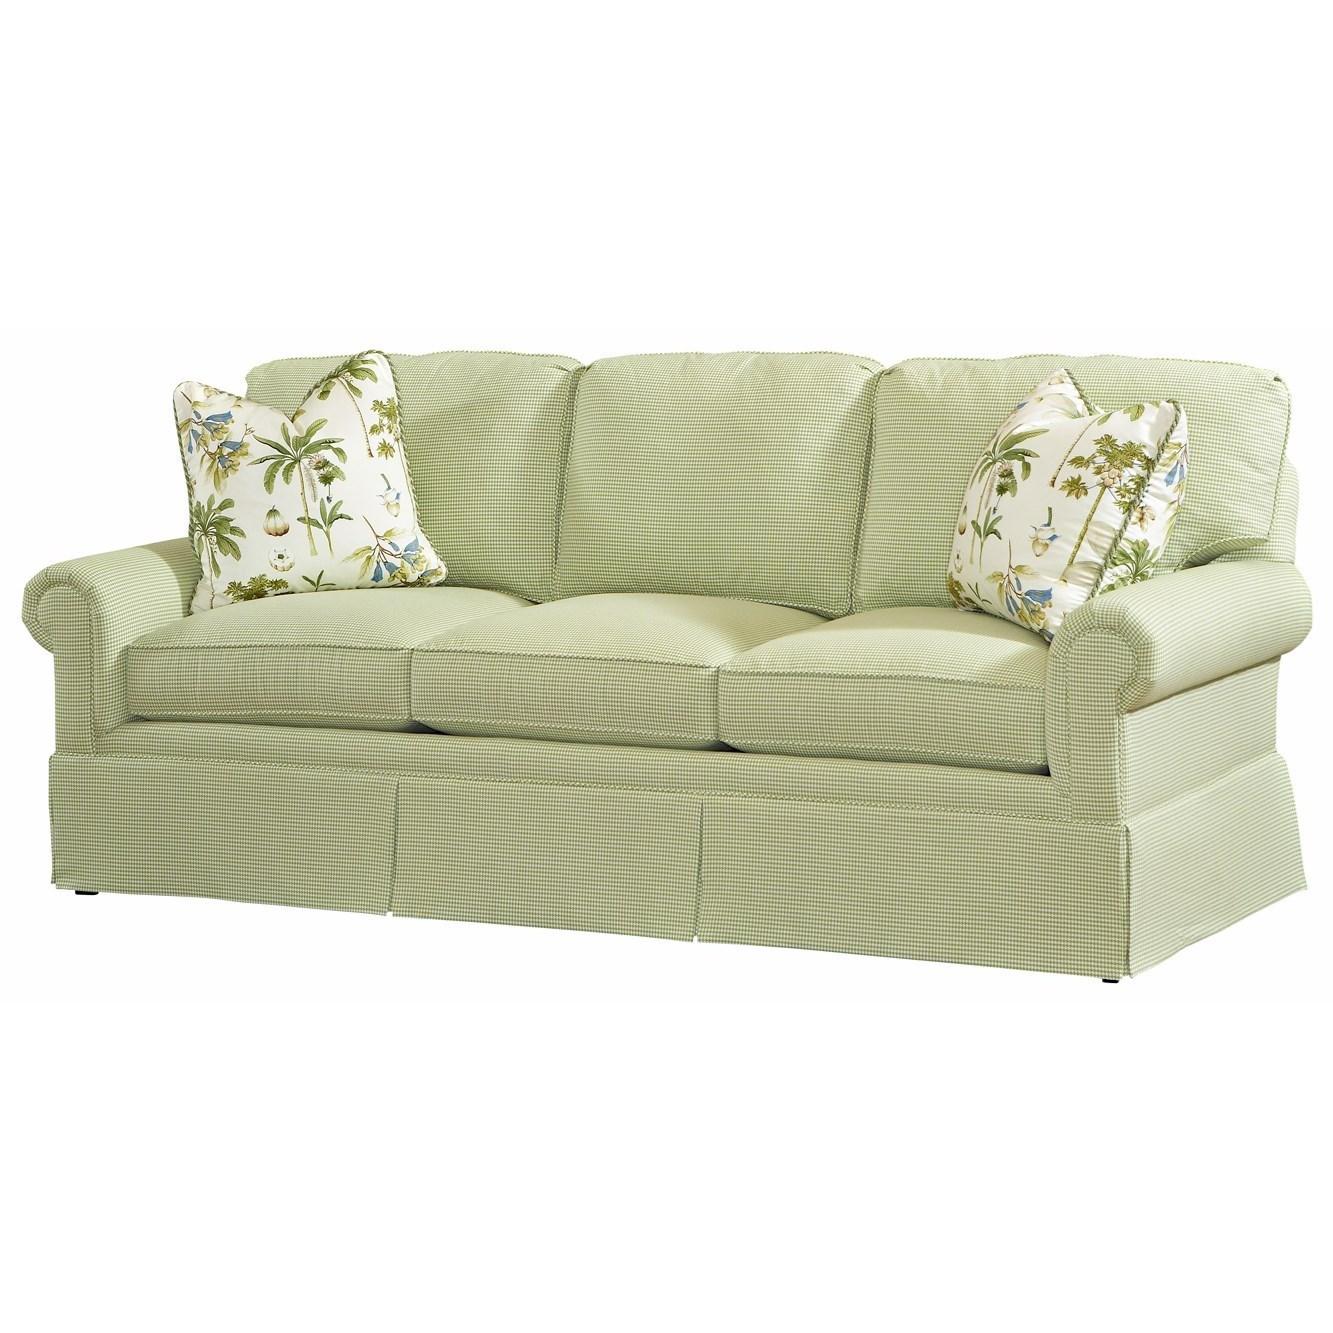 Customizable Bennett Queen Sleeper Sofa